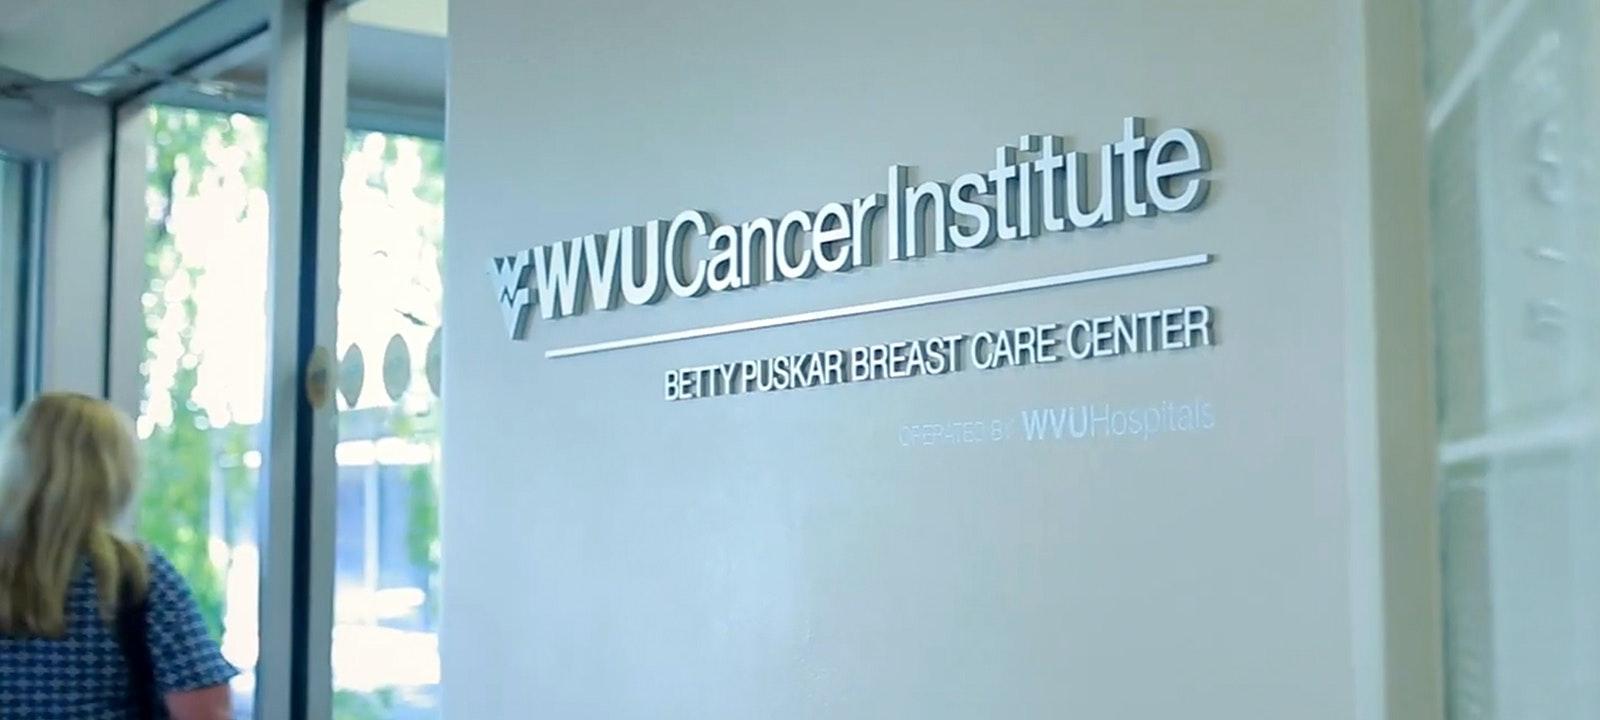 undefined - WVU Cancer Institute